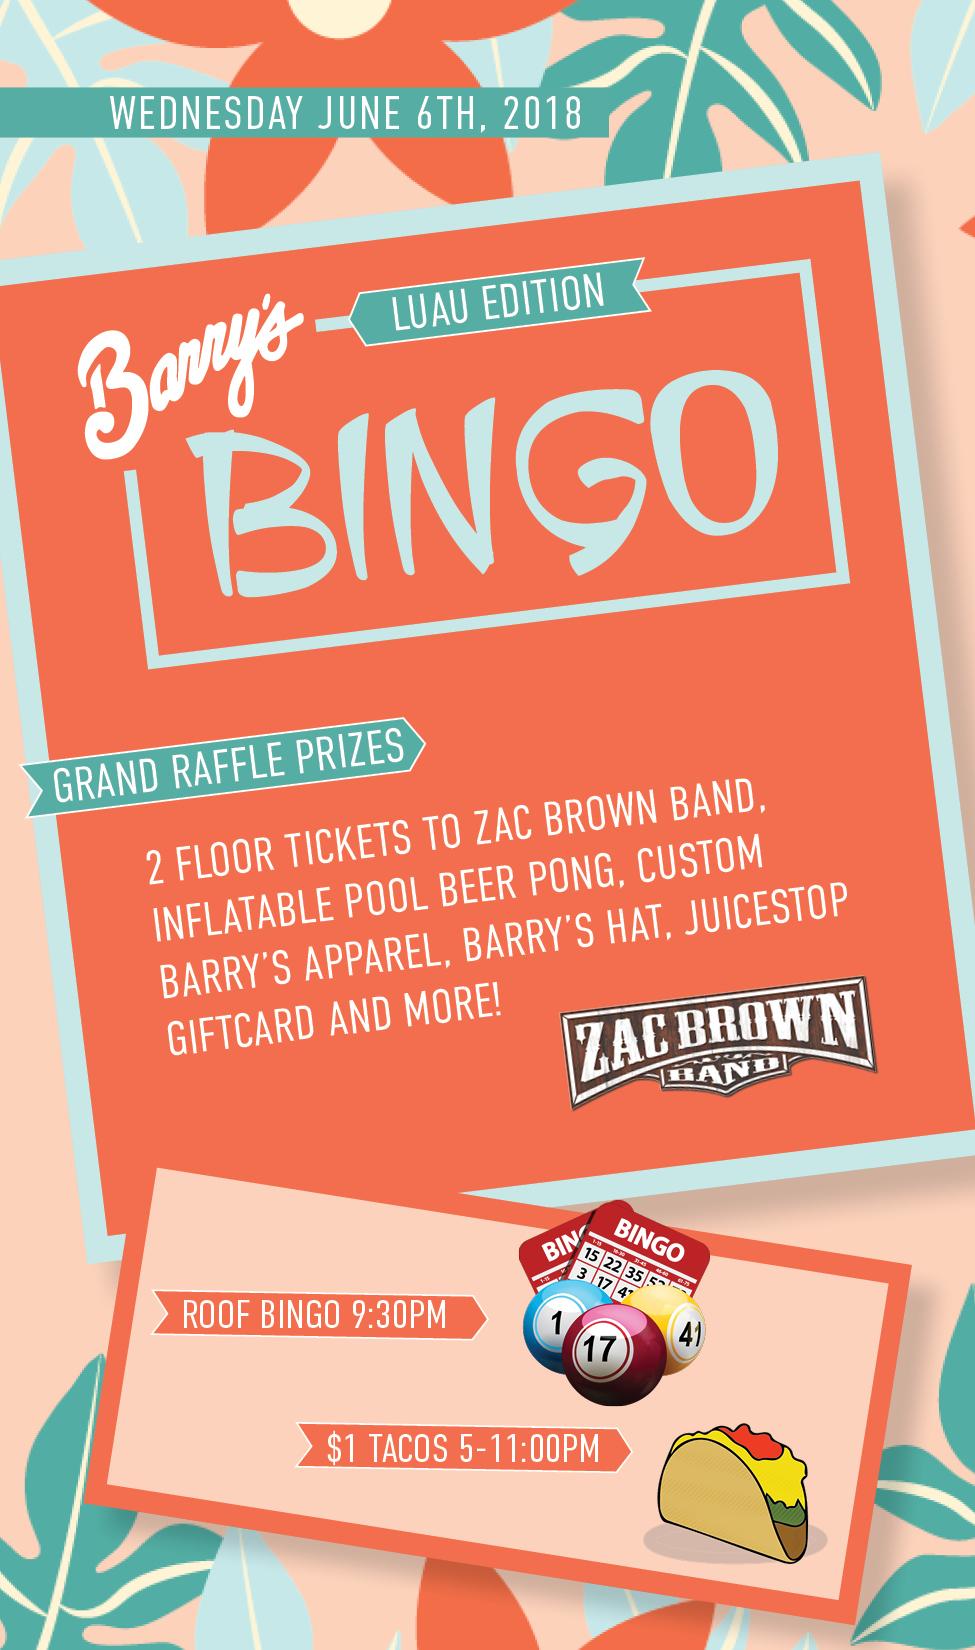 Bingo June 6, 2018.jpg